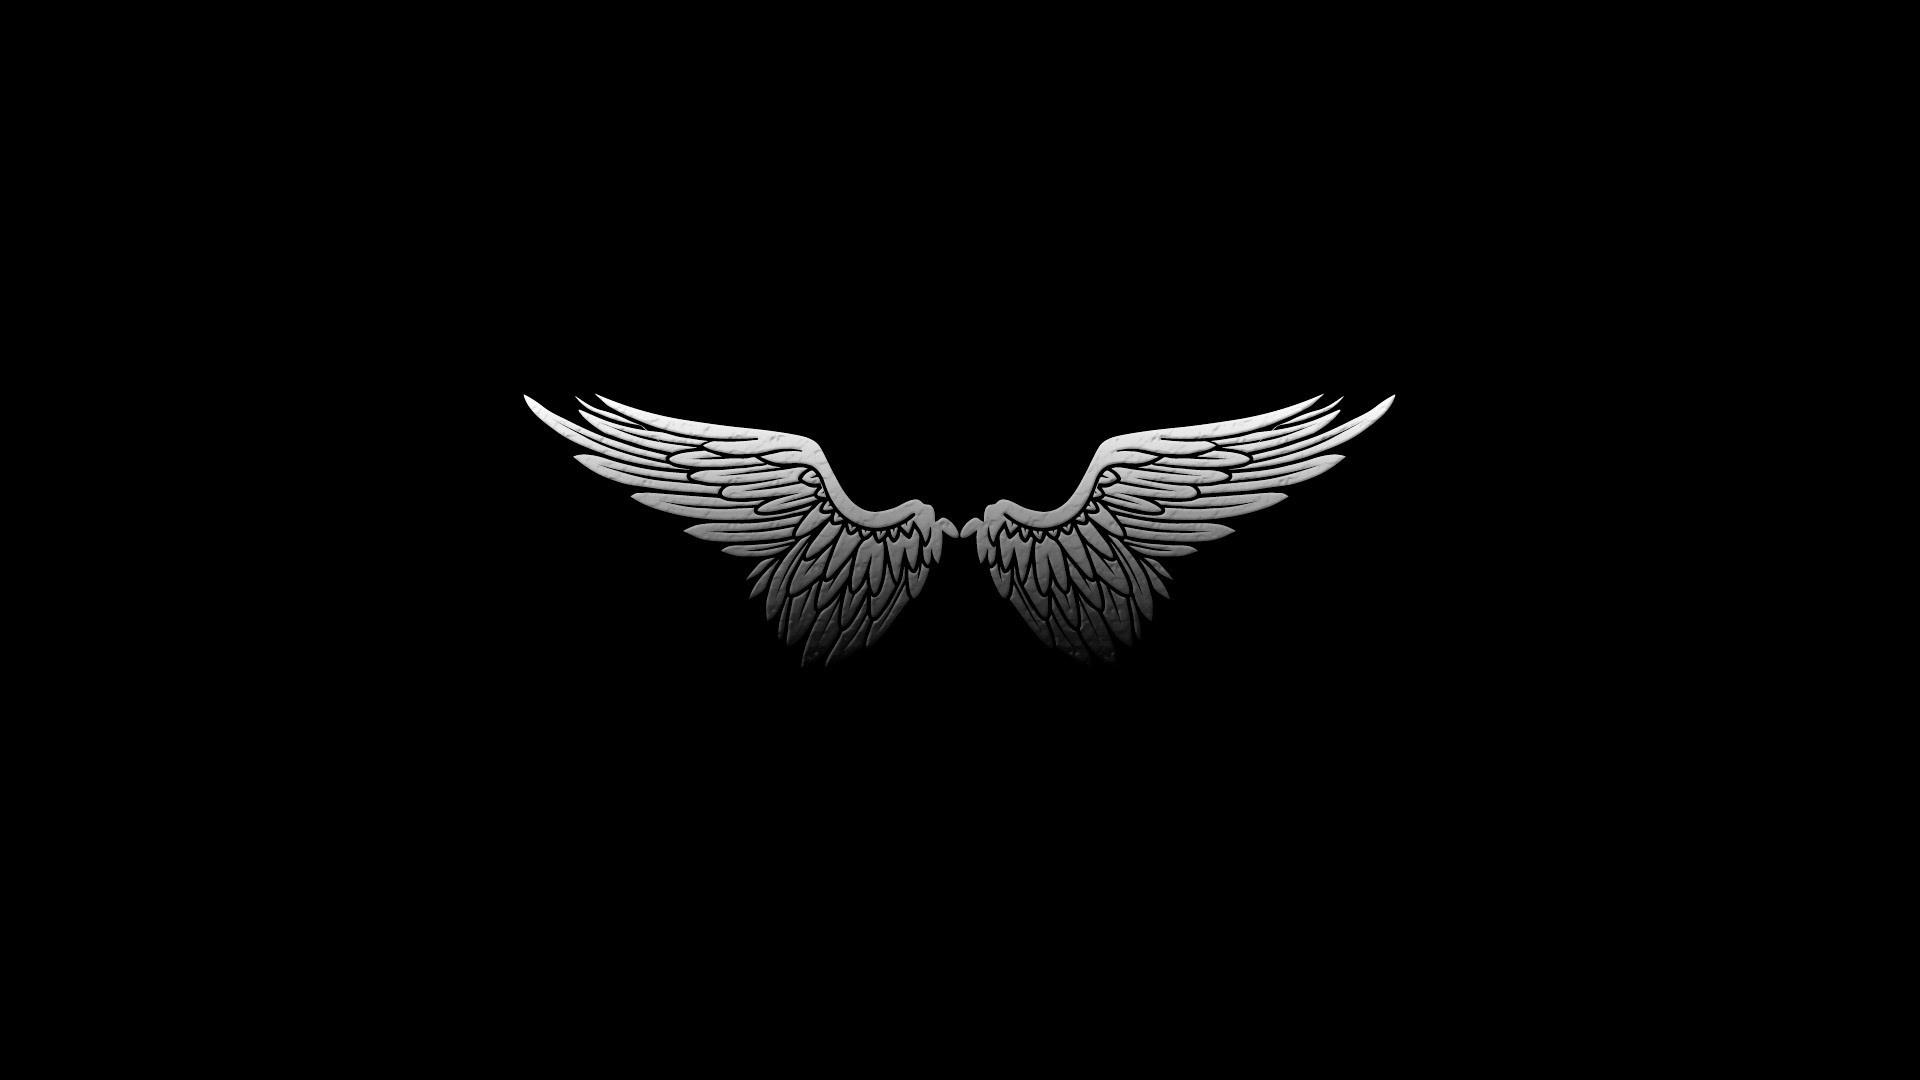 Download 200 Wallpaper Hd Black Angel HD Terbaik